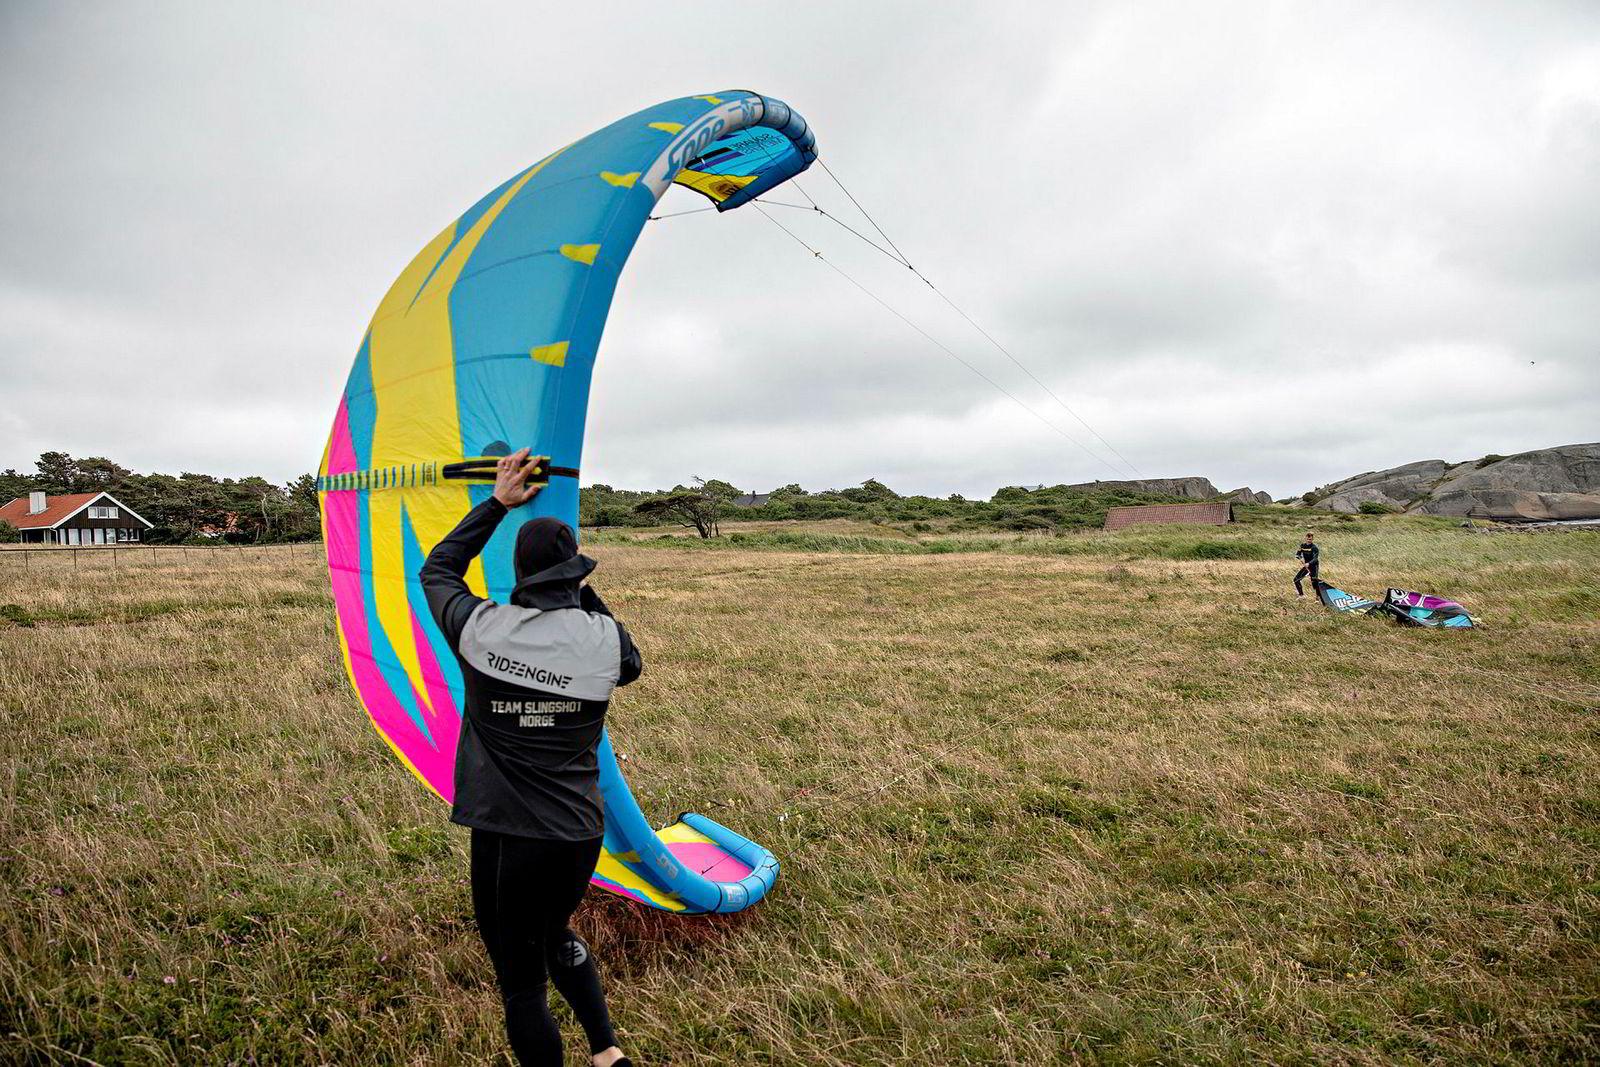 Blaze Coles hjelper Rakfjord med å få opp kiten på gressletten før utstyret tas med ut i vannet.